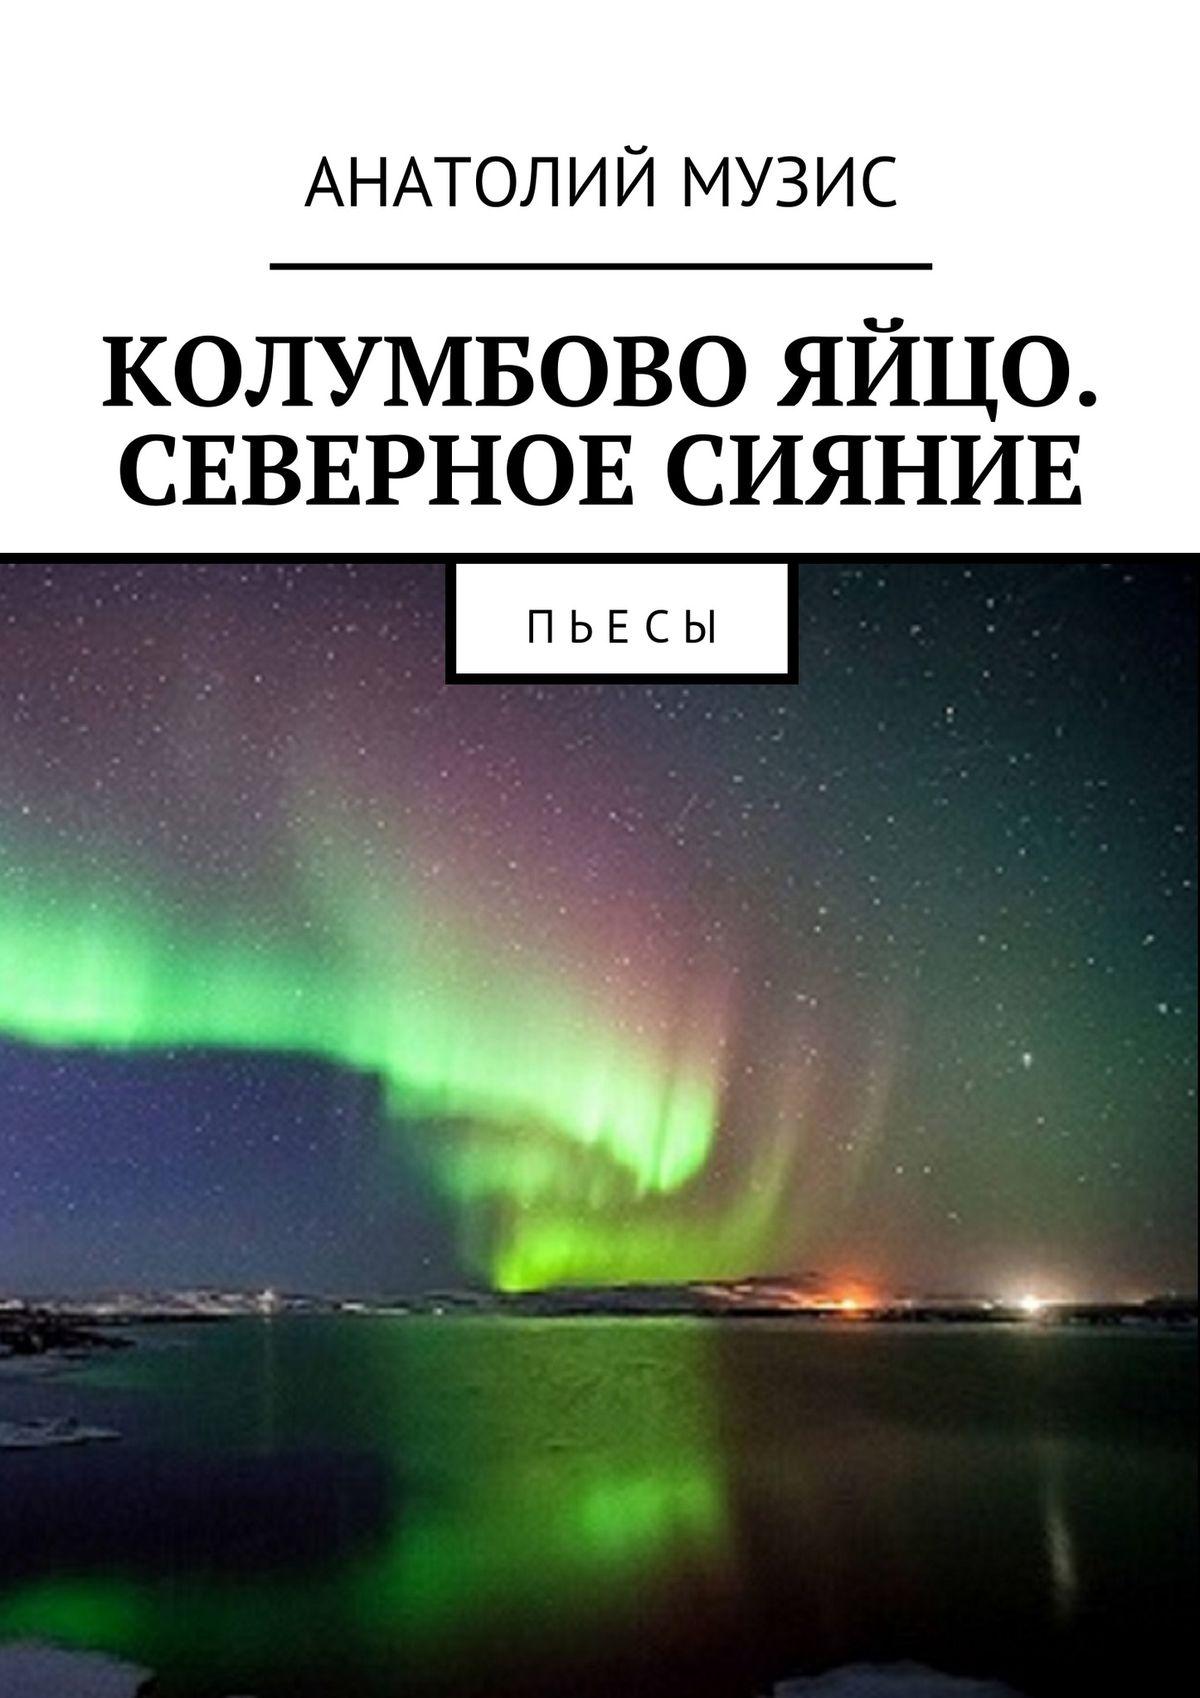 Анатолий Музис Колумбово яйцо. Северное сияние. Пьесы социальная акция пьесы жизни